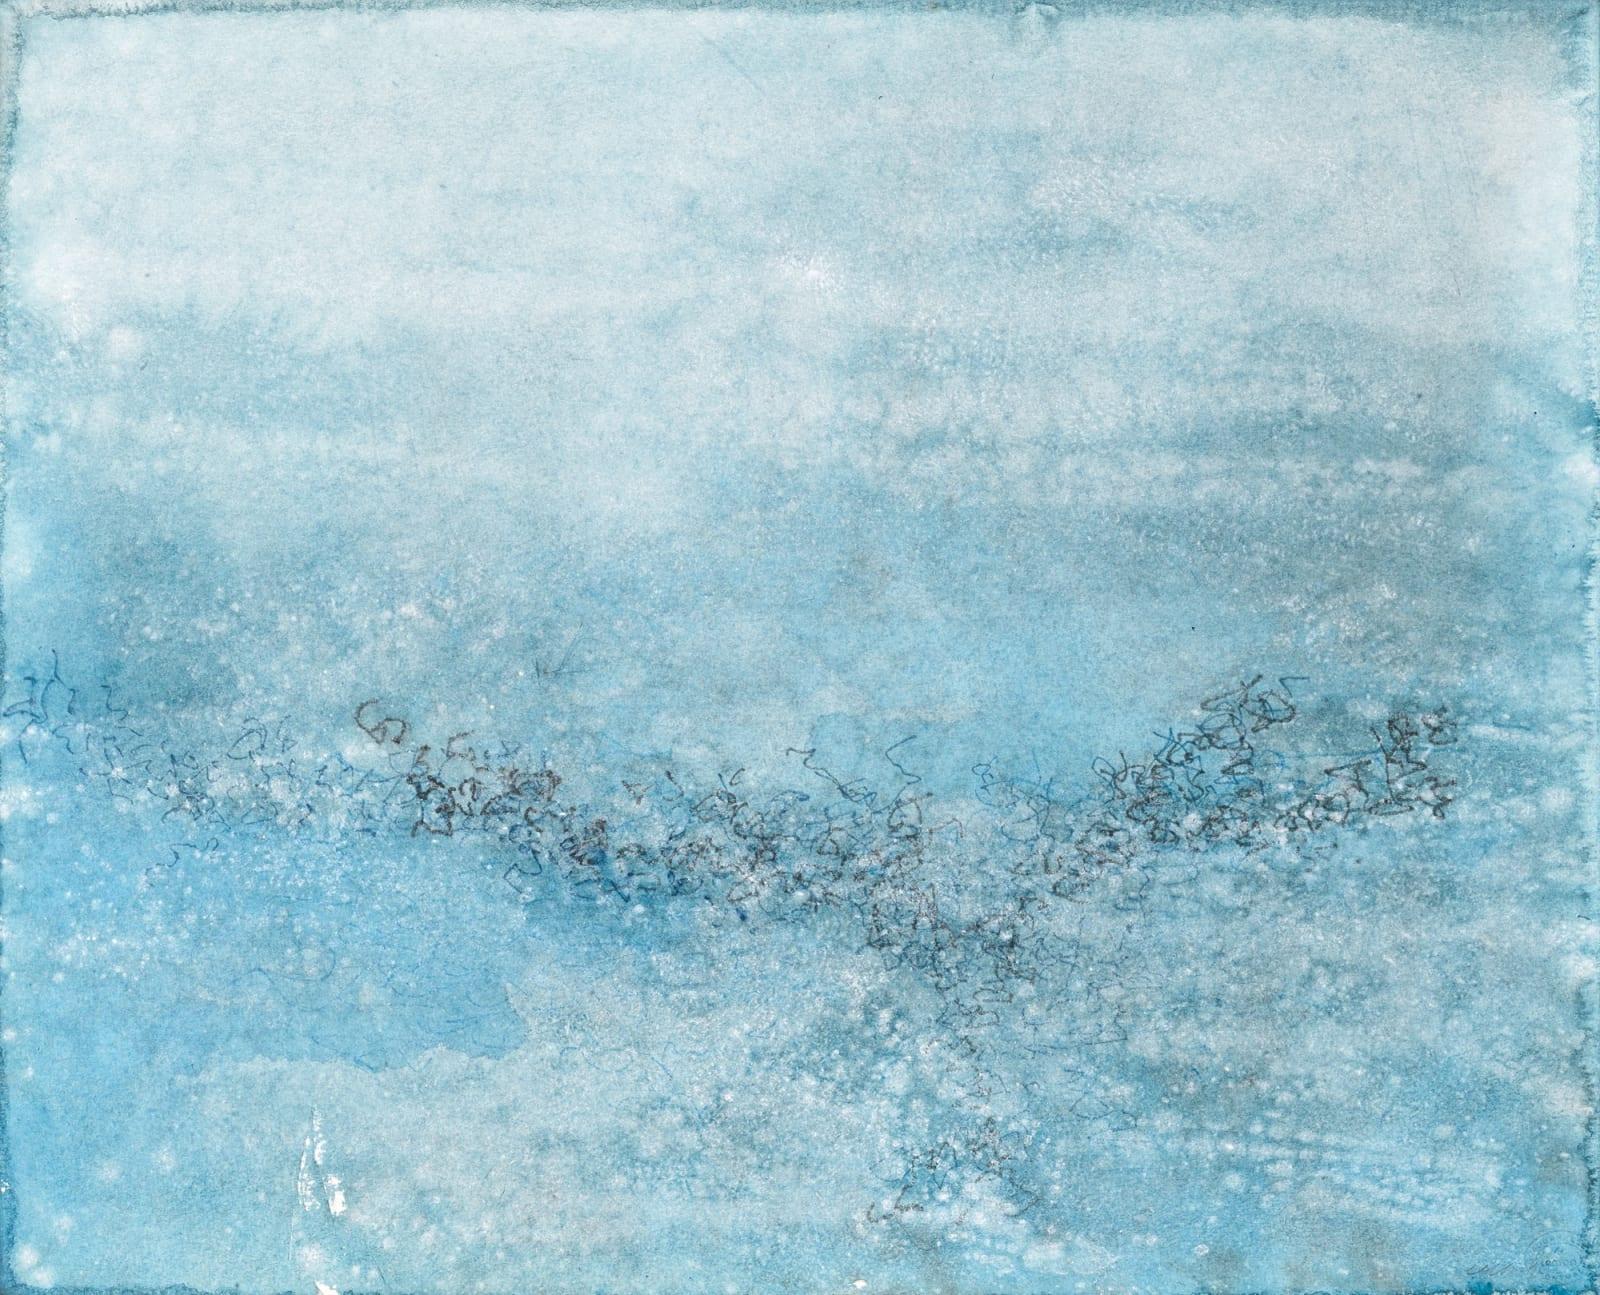 Lalan 謝景蘭, Untitled 《無題》, 1993